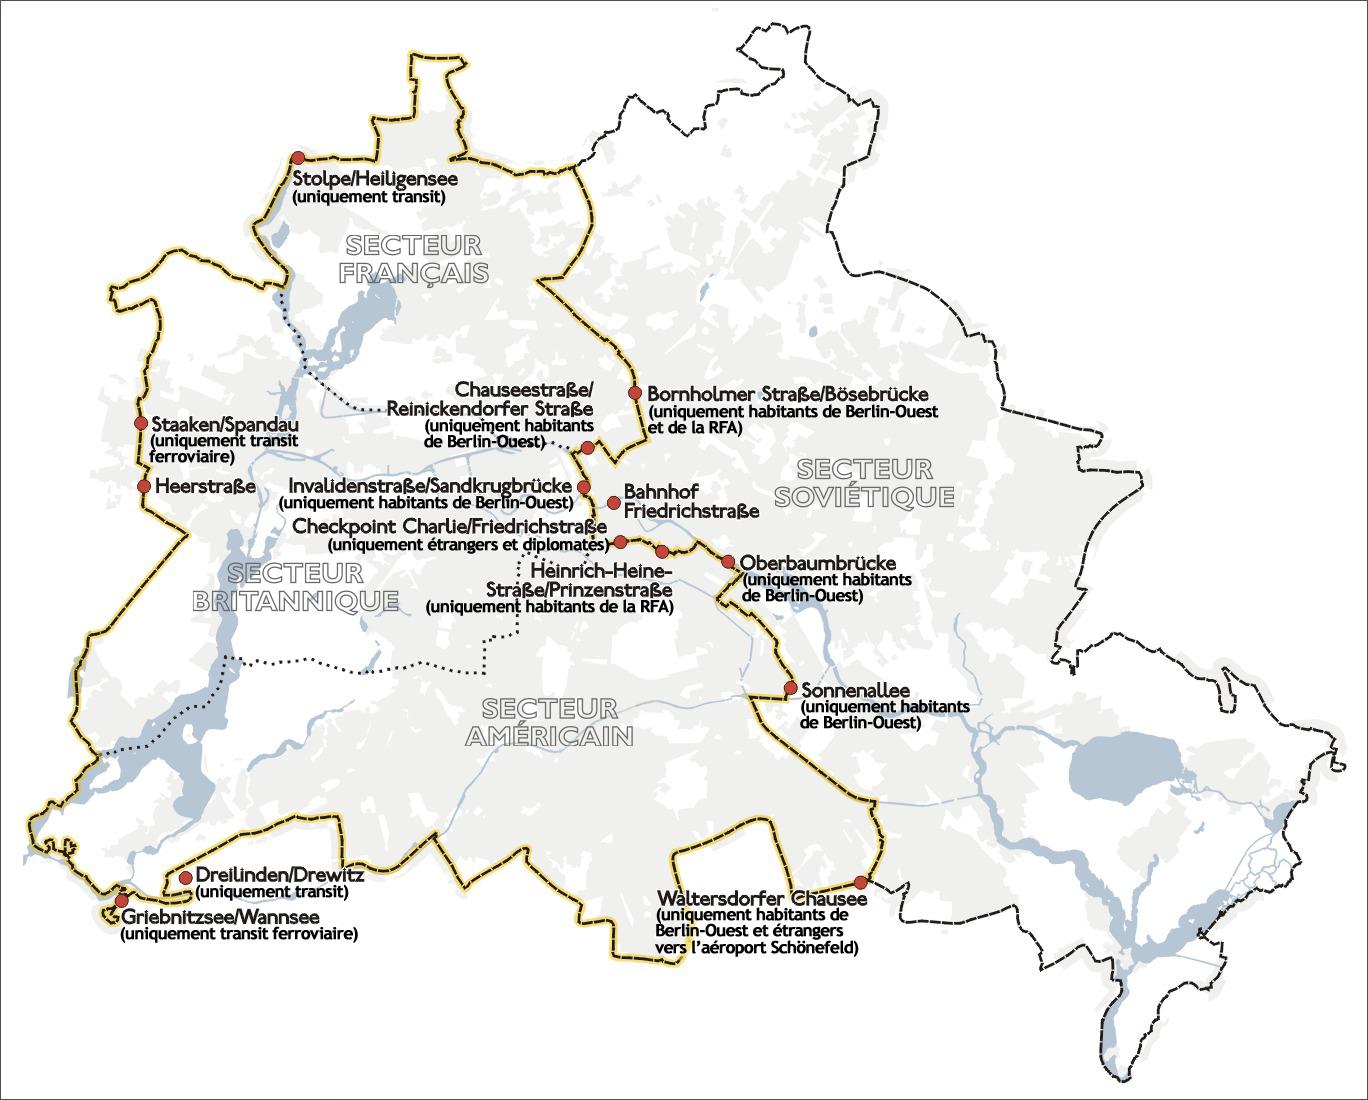 carte mur de berlin File:Karte berliner mauer fr.png   Wikimedia Commons